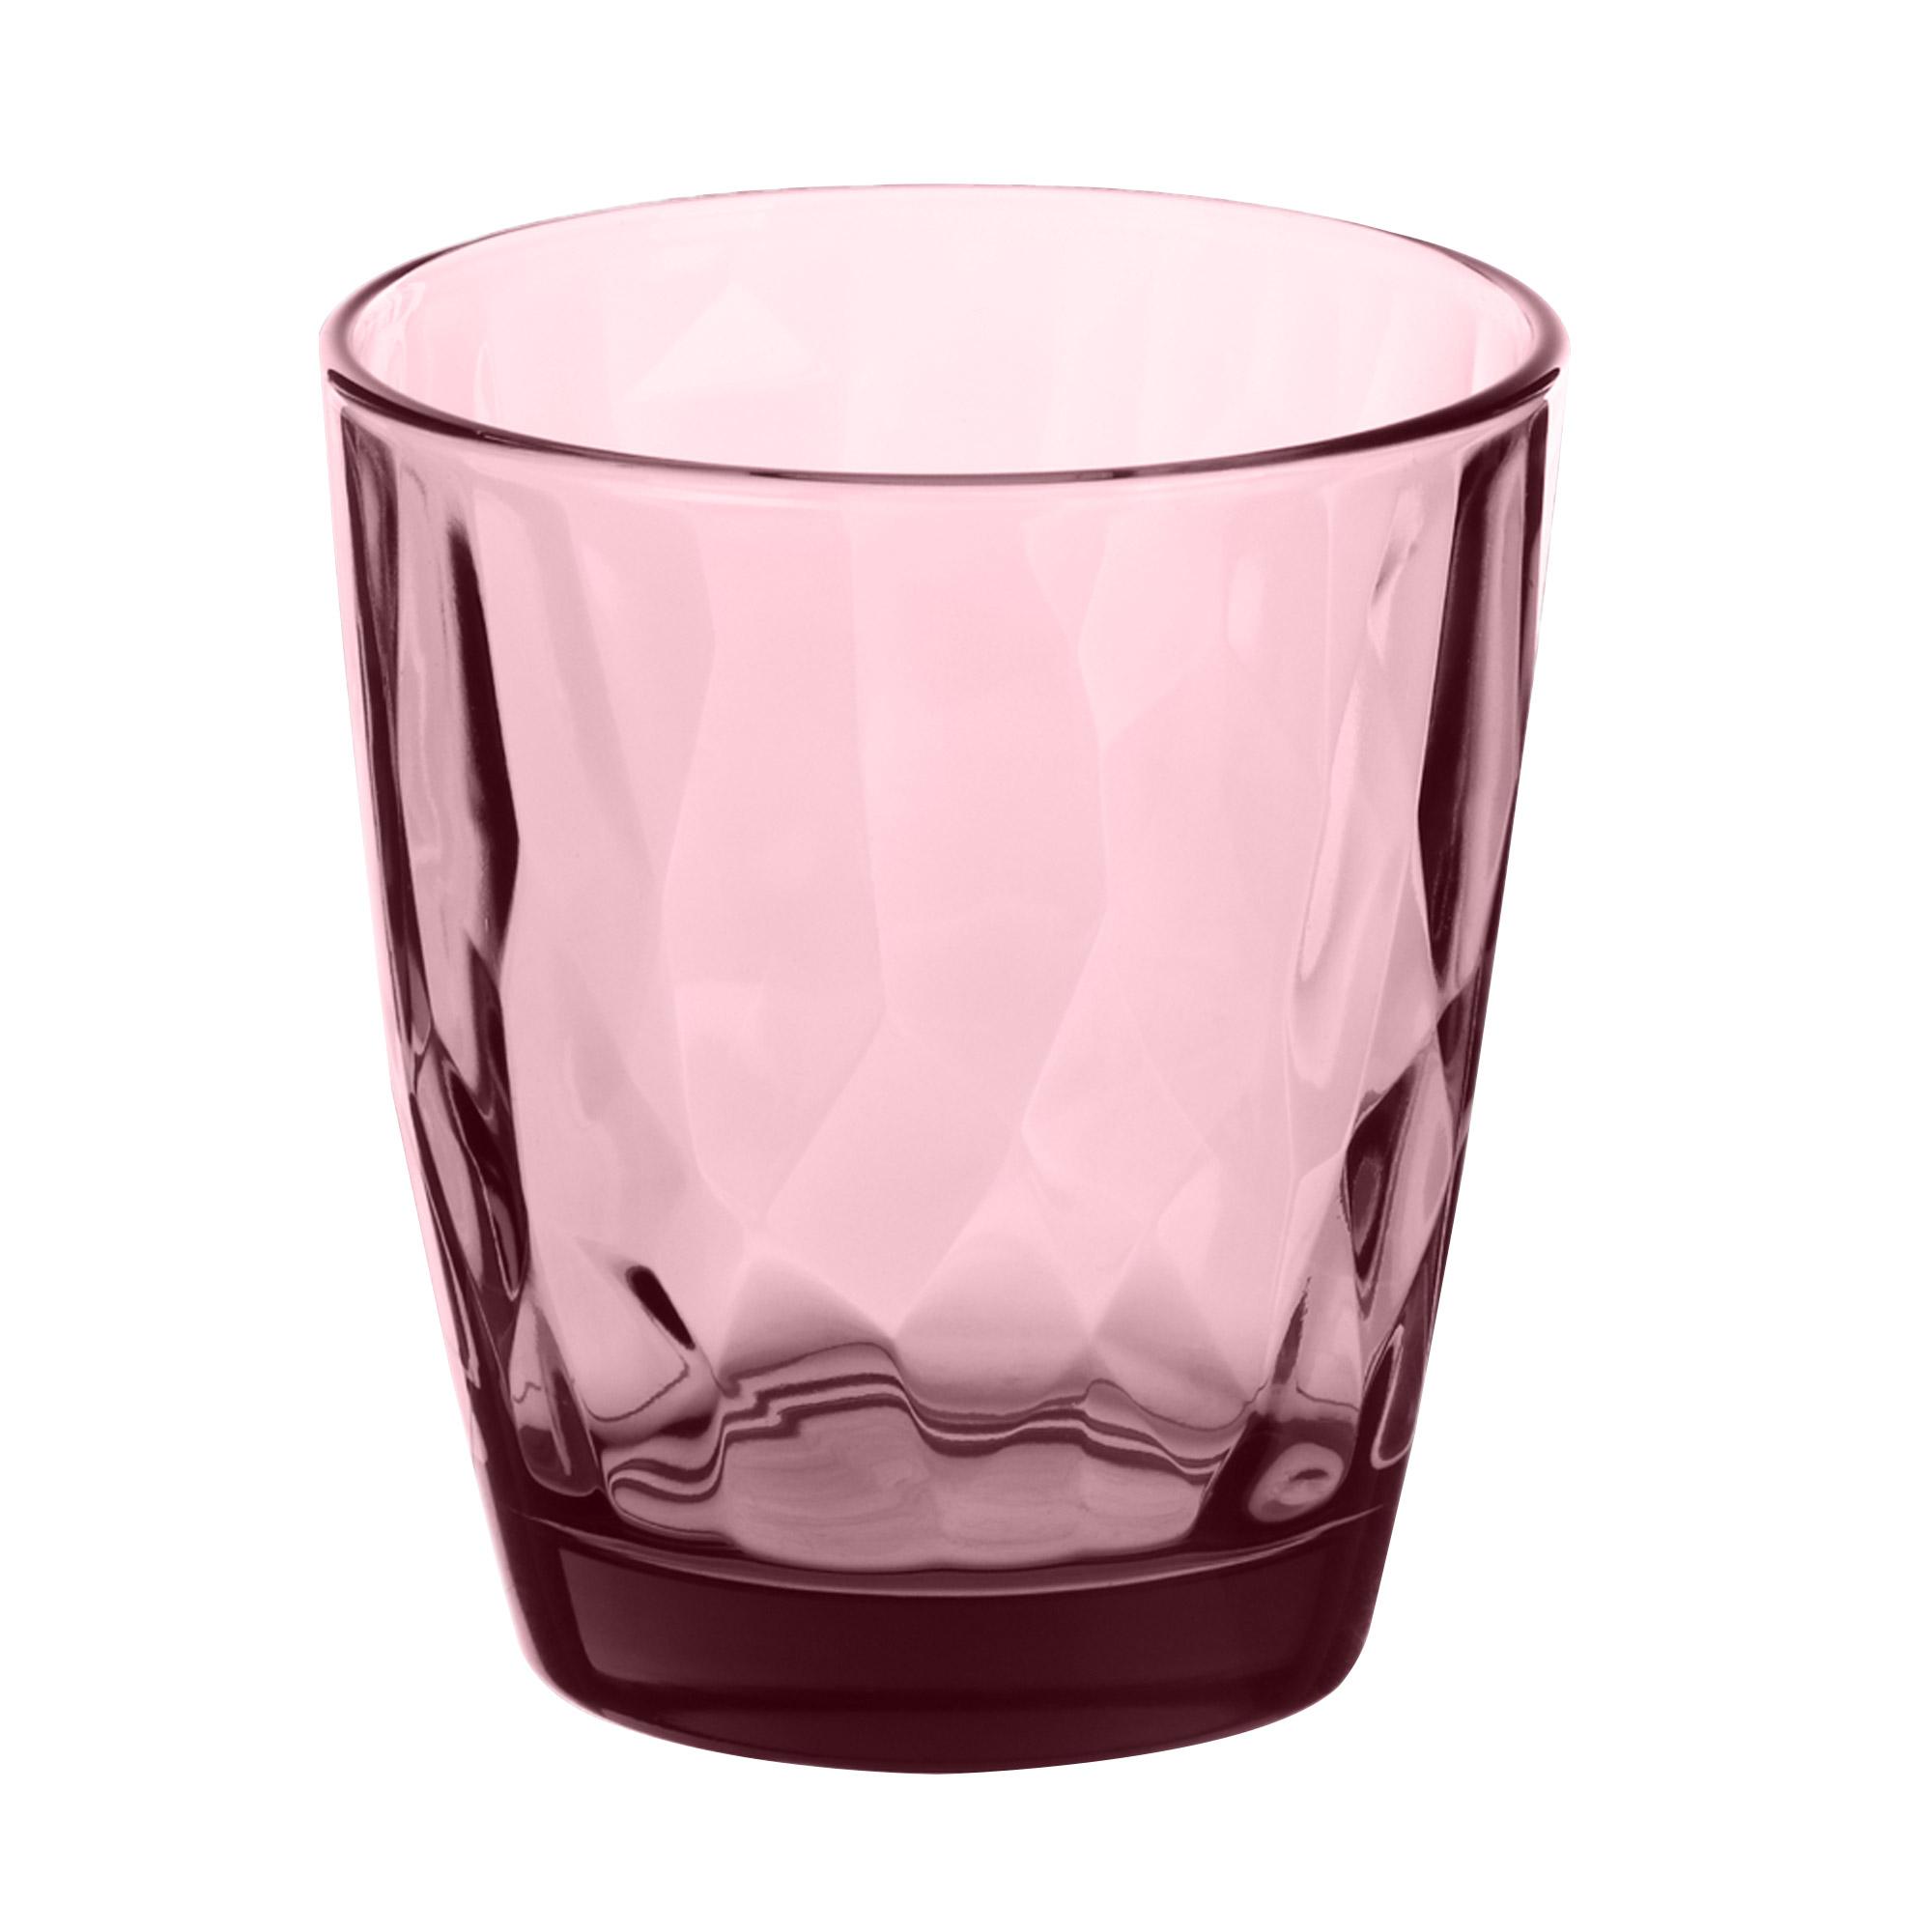 Набор стаканов Bormoli Rocco Diamond 385 мл 4 шт фото